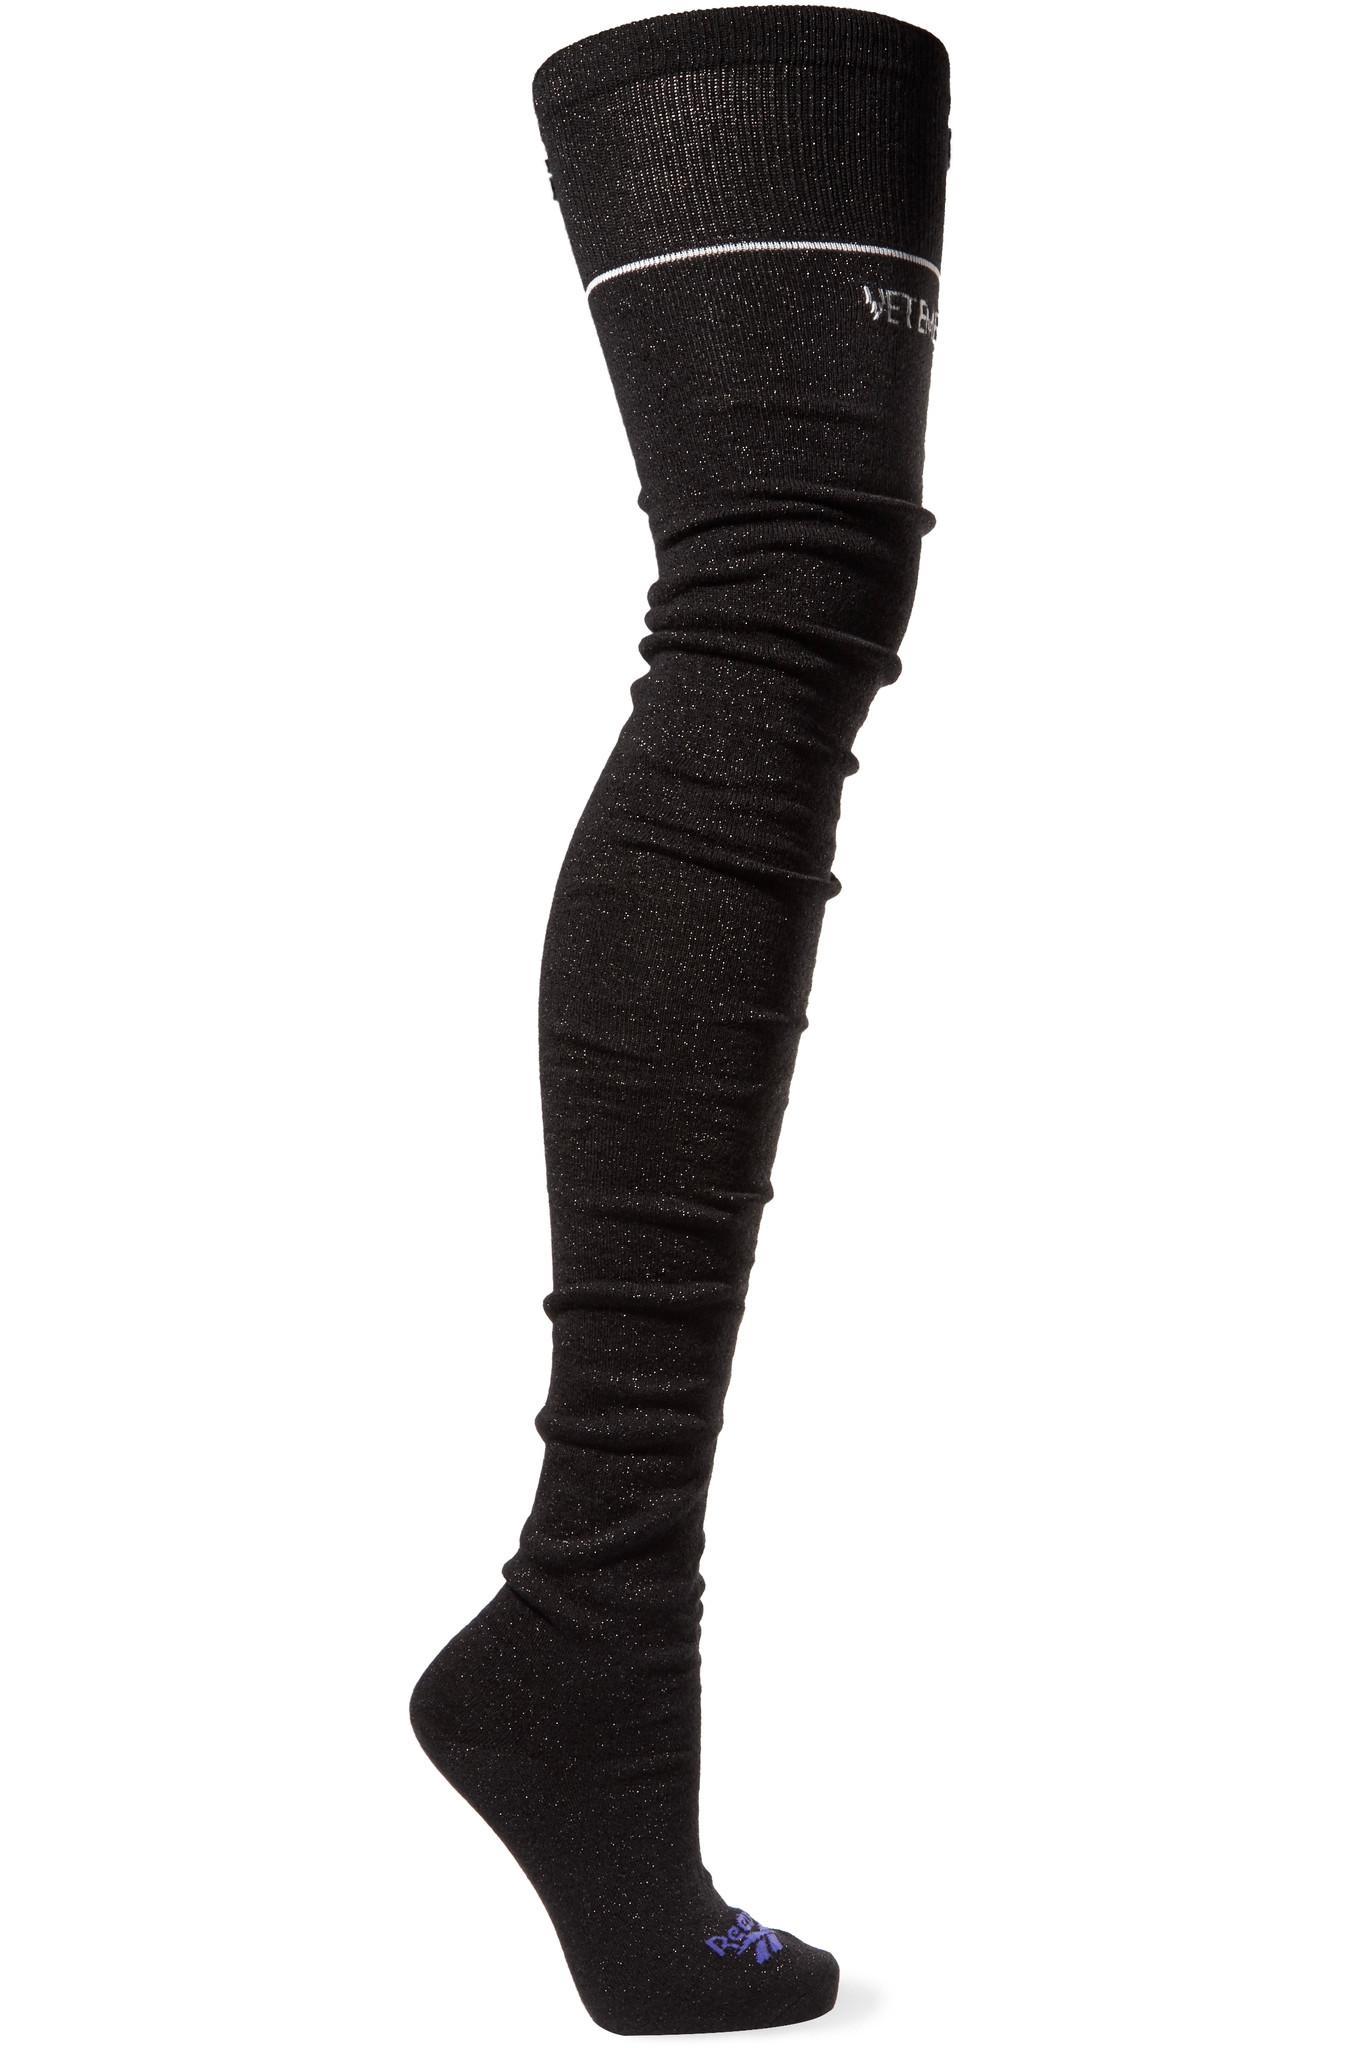 d4068b784 Vetements Intarsia-knit Knee-high Socks in Black - Lyst